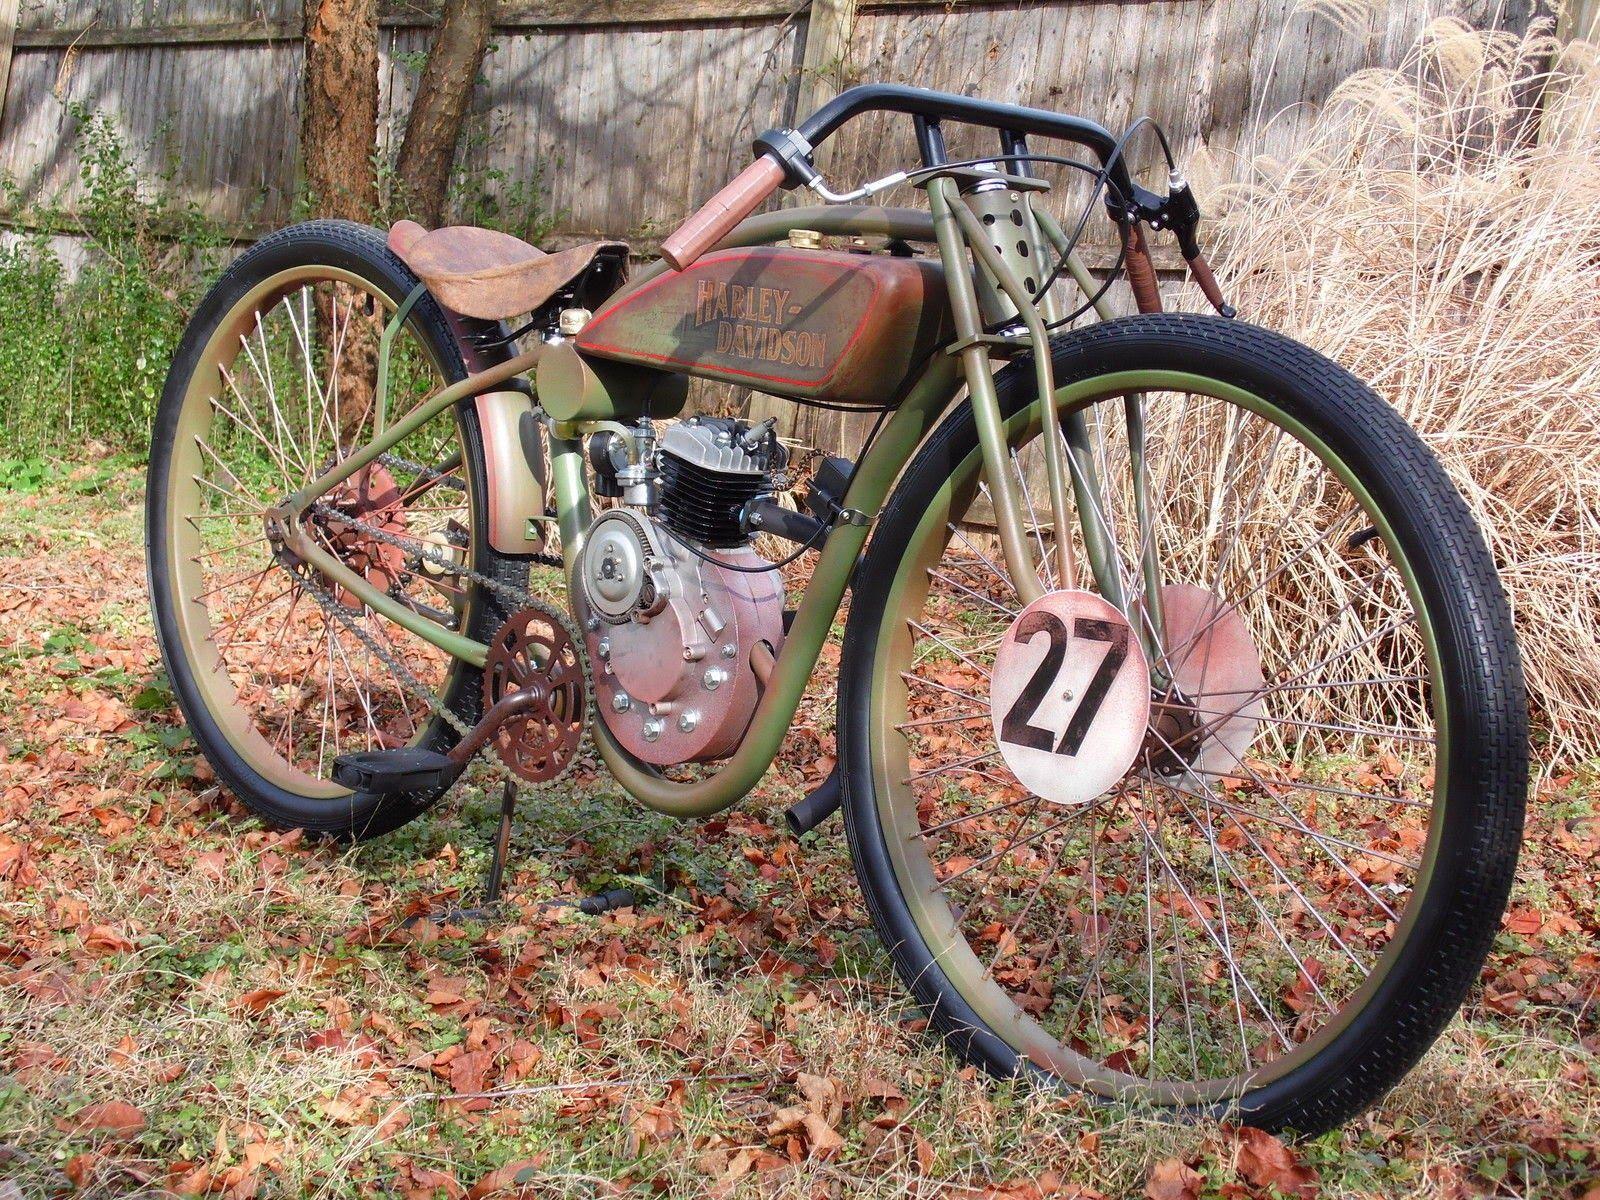 529ba263b02de5edf3afb2d4467a52d4 - Antik dan Langka, Motor Harley-Davidson Board Tracker 1927 Tampil Menawan Cocok Jadi Pajangan